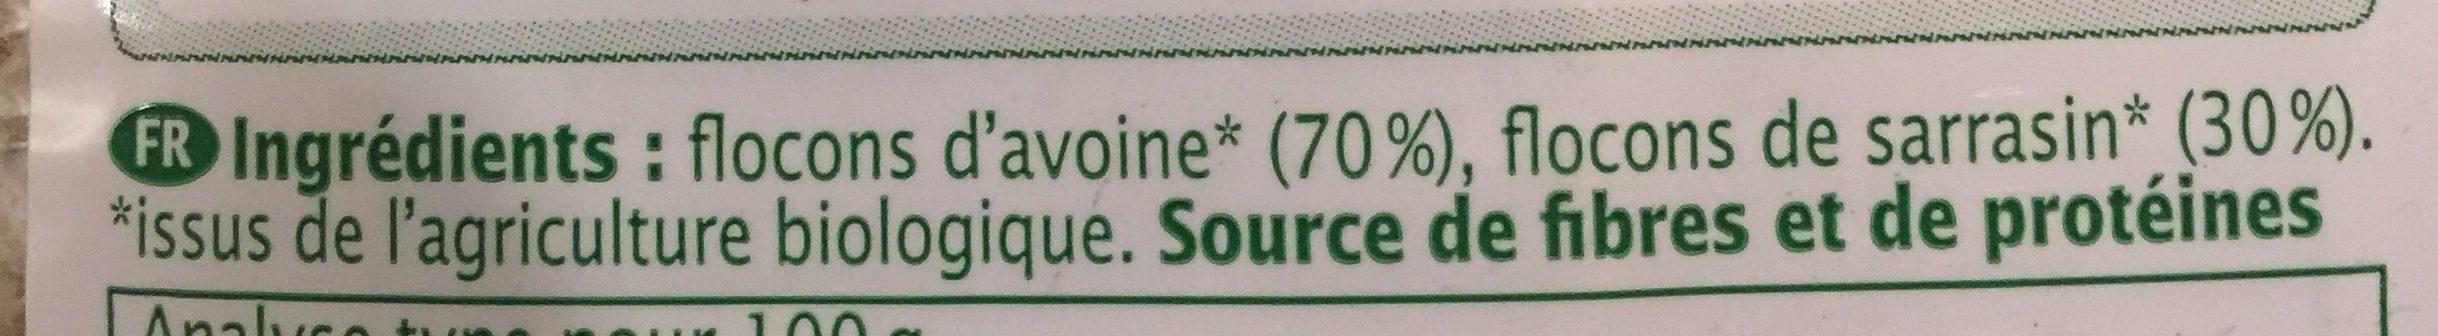 Duo De Flocons Avoine & Sarrasin Bio - 400 G - Ma Vie Sans Gluten - Ingrédients